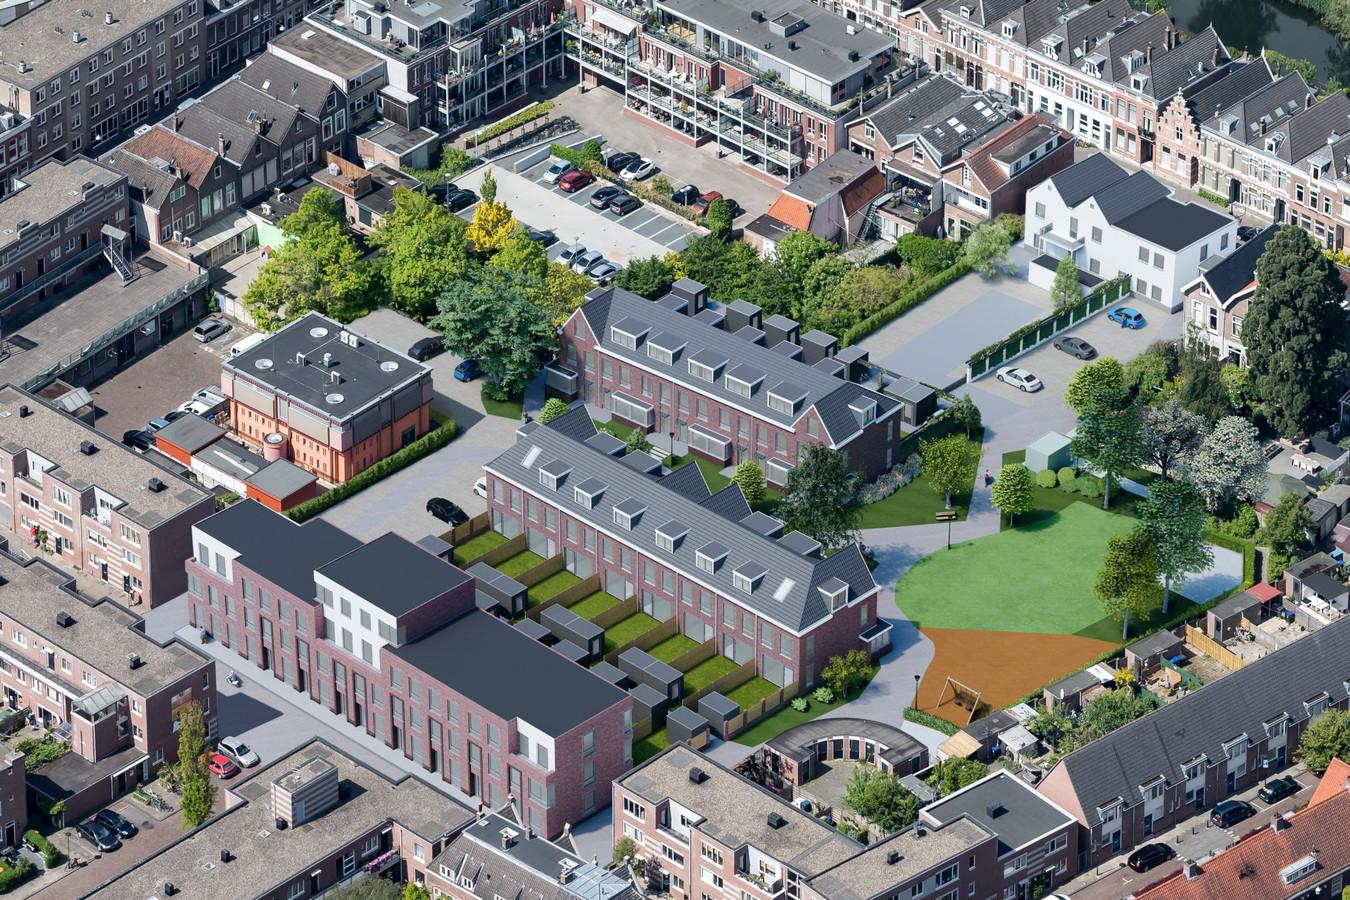 Een impressie vanuit de lucht van de nieuwe woningen die Brukon op het terrein van de voormalige psychiatrische kliniek van Yulius aan het Kasperspad en Kromhout in Dordrecht gaat bouwen.